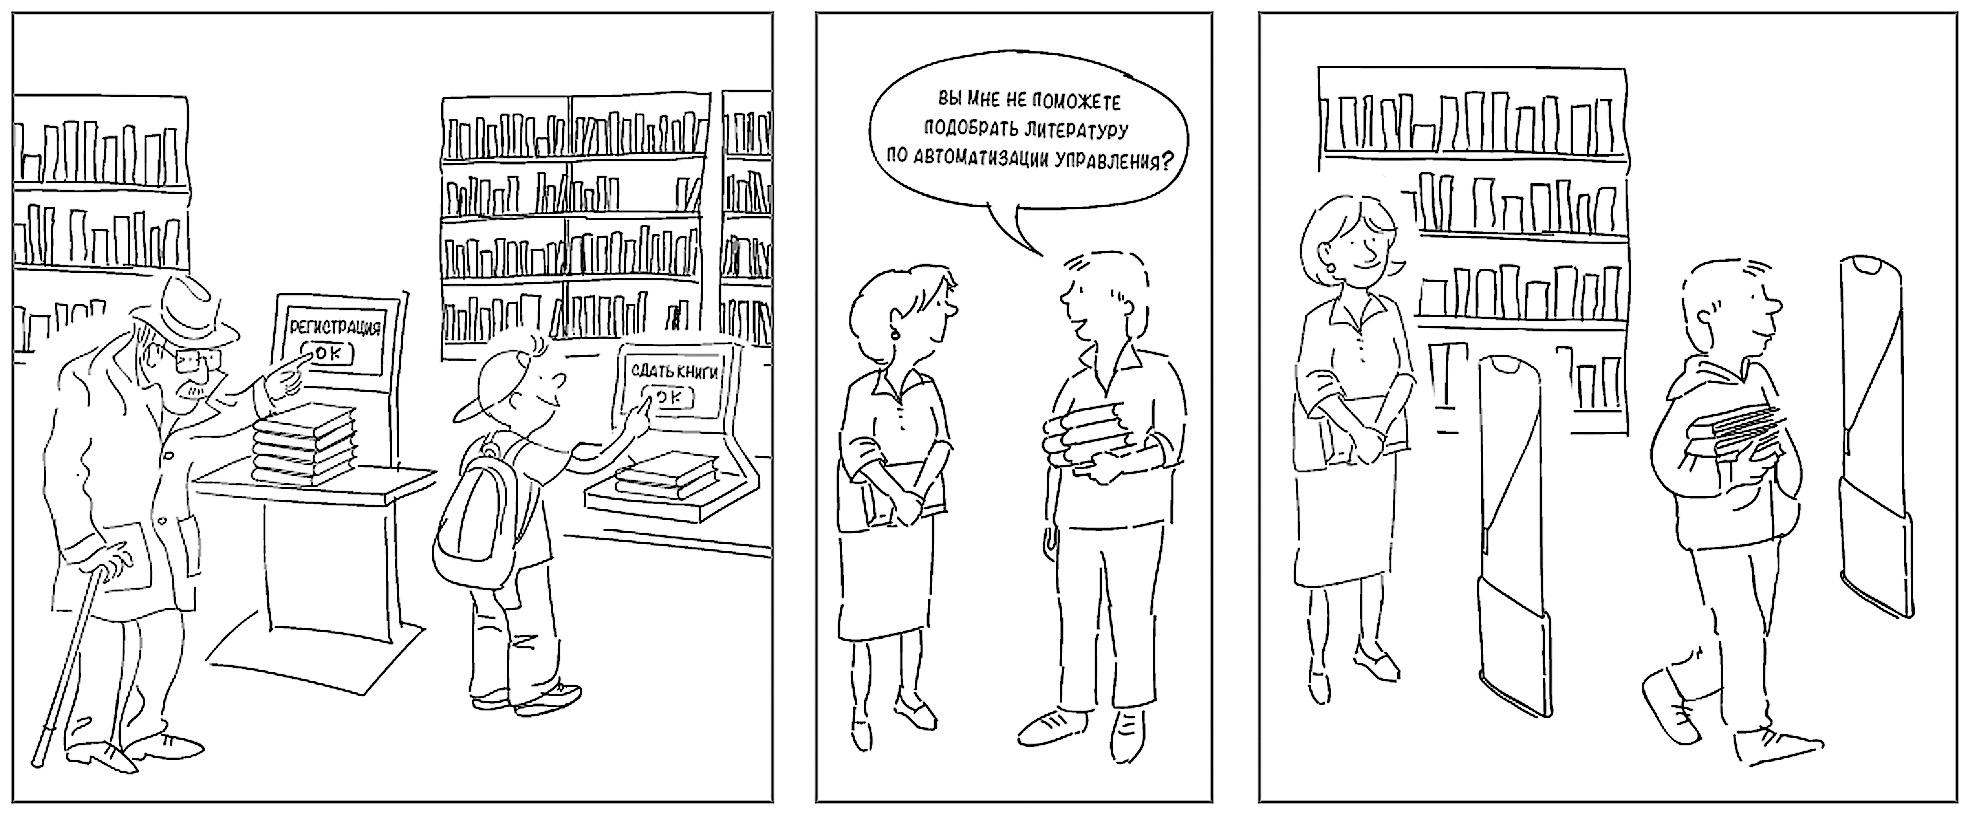 Современная библиотека на основе решений 3